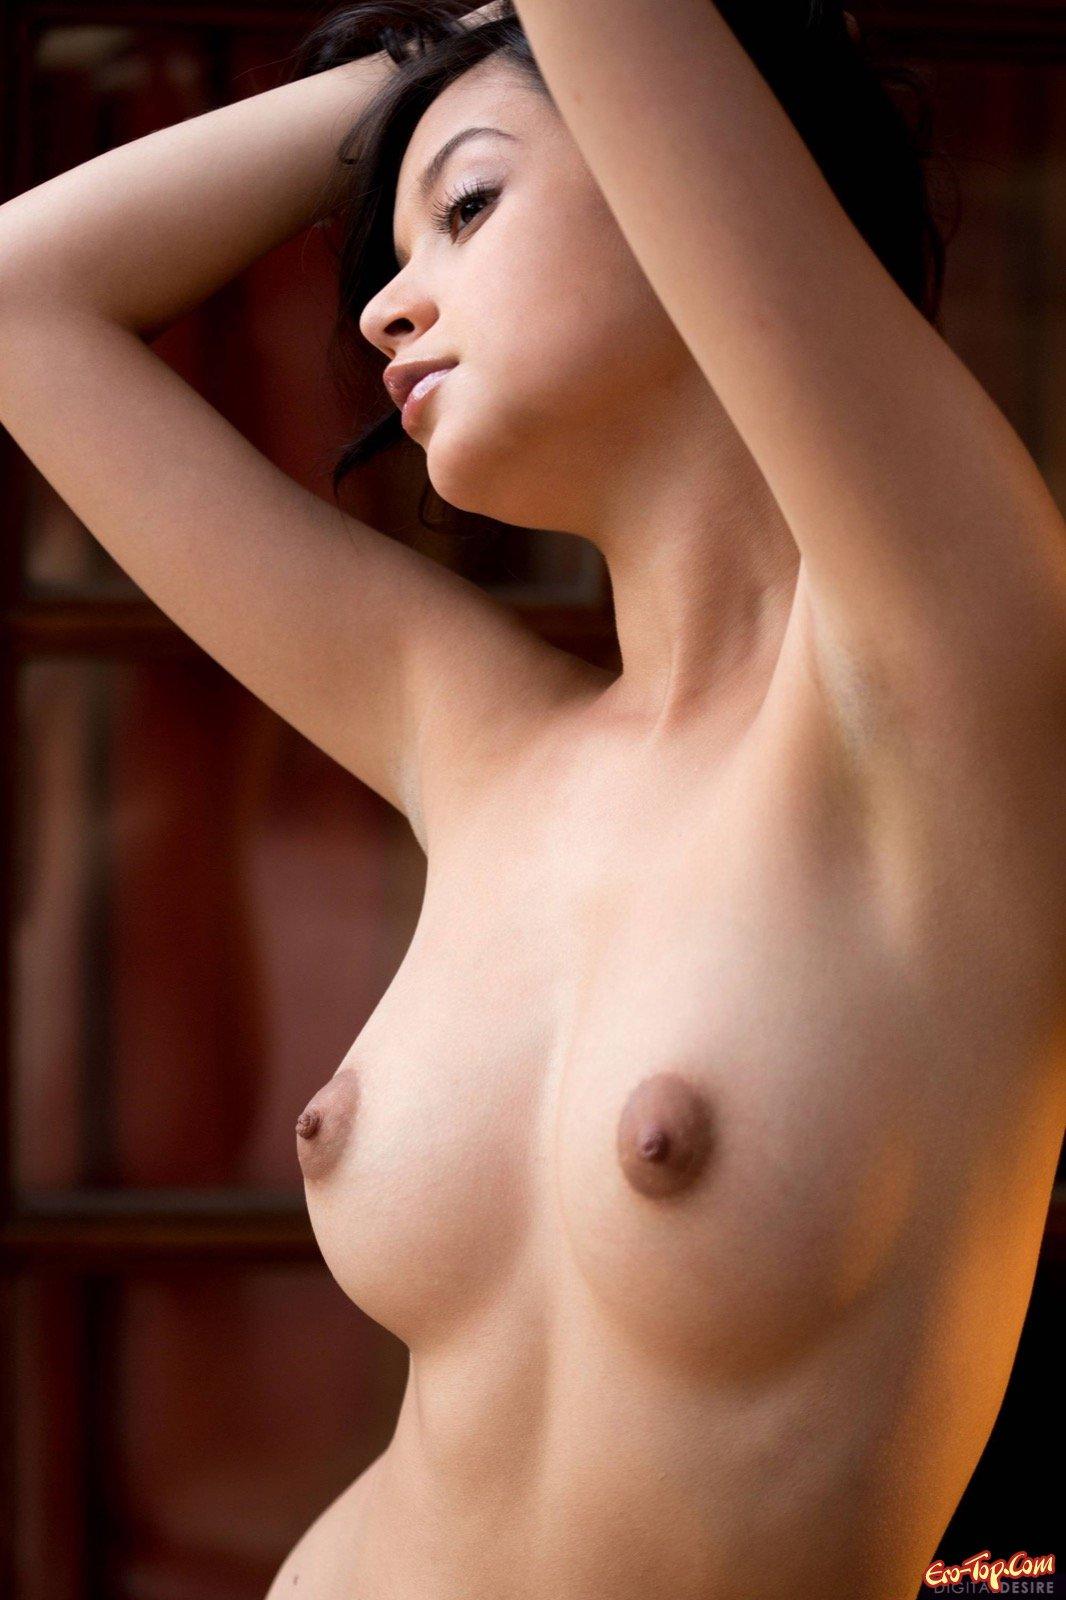 порно торчащие возбужденные сосочки азиатки онлайн